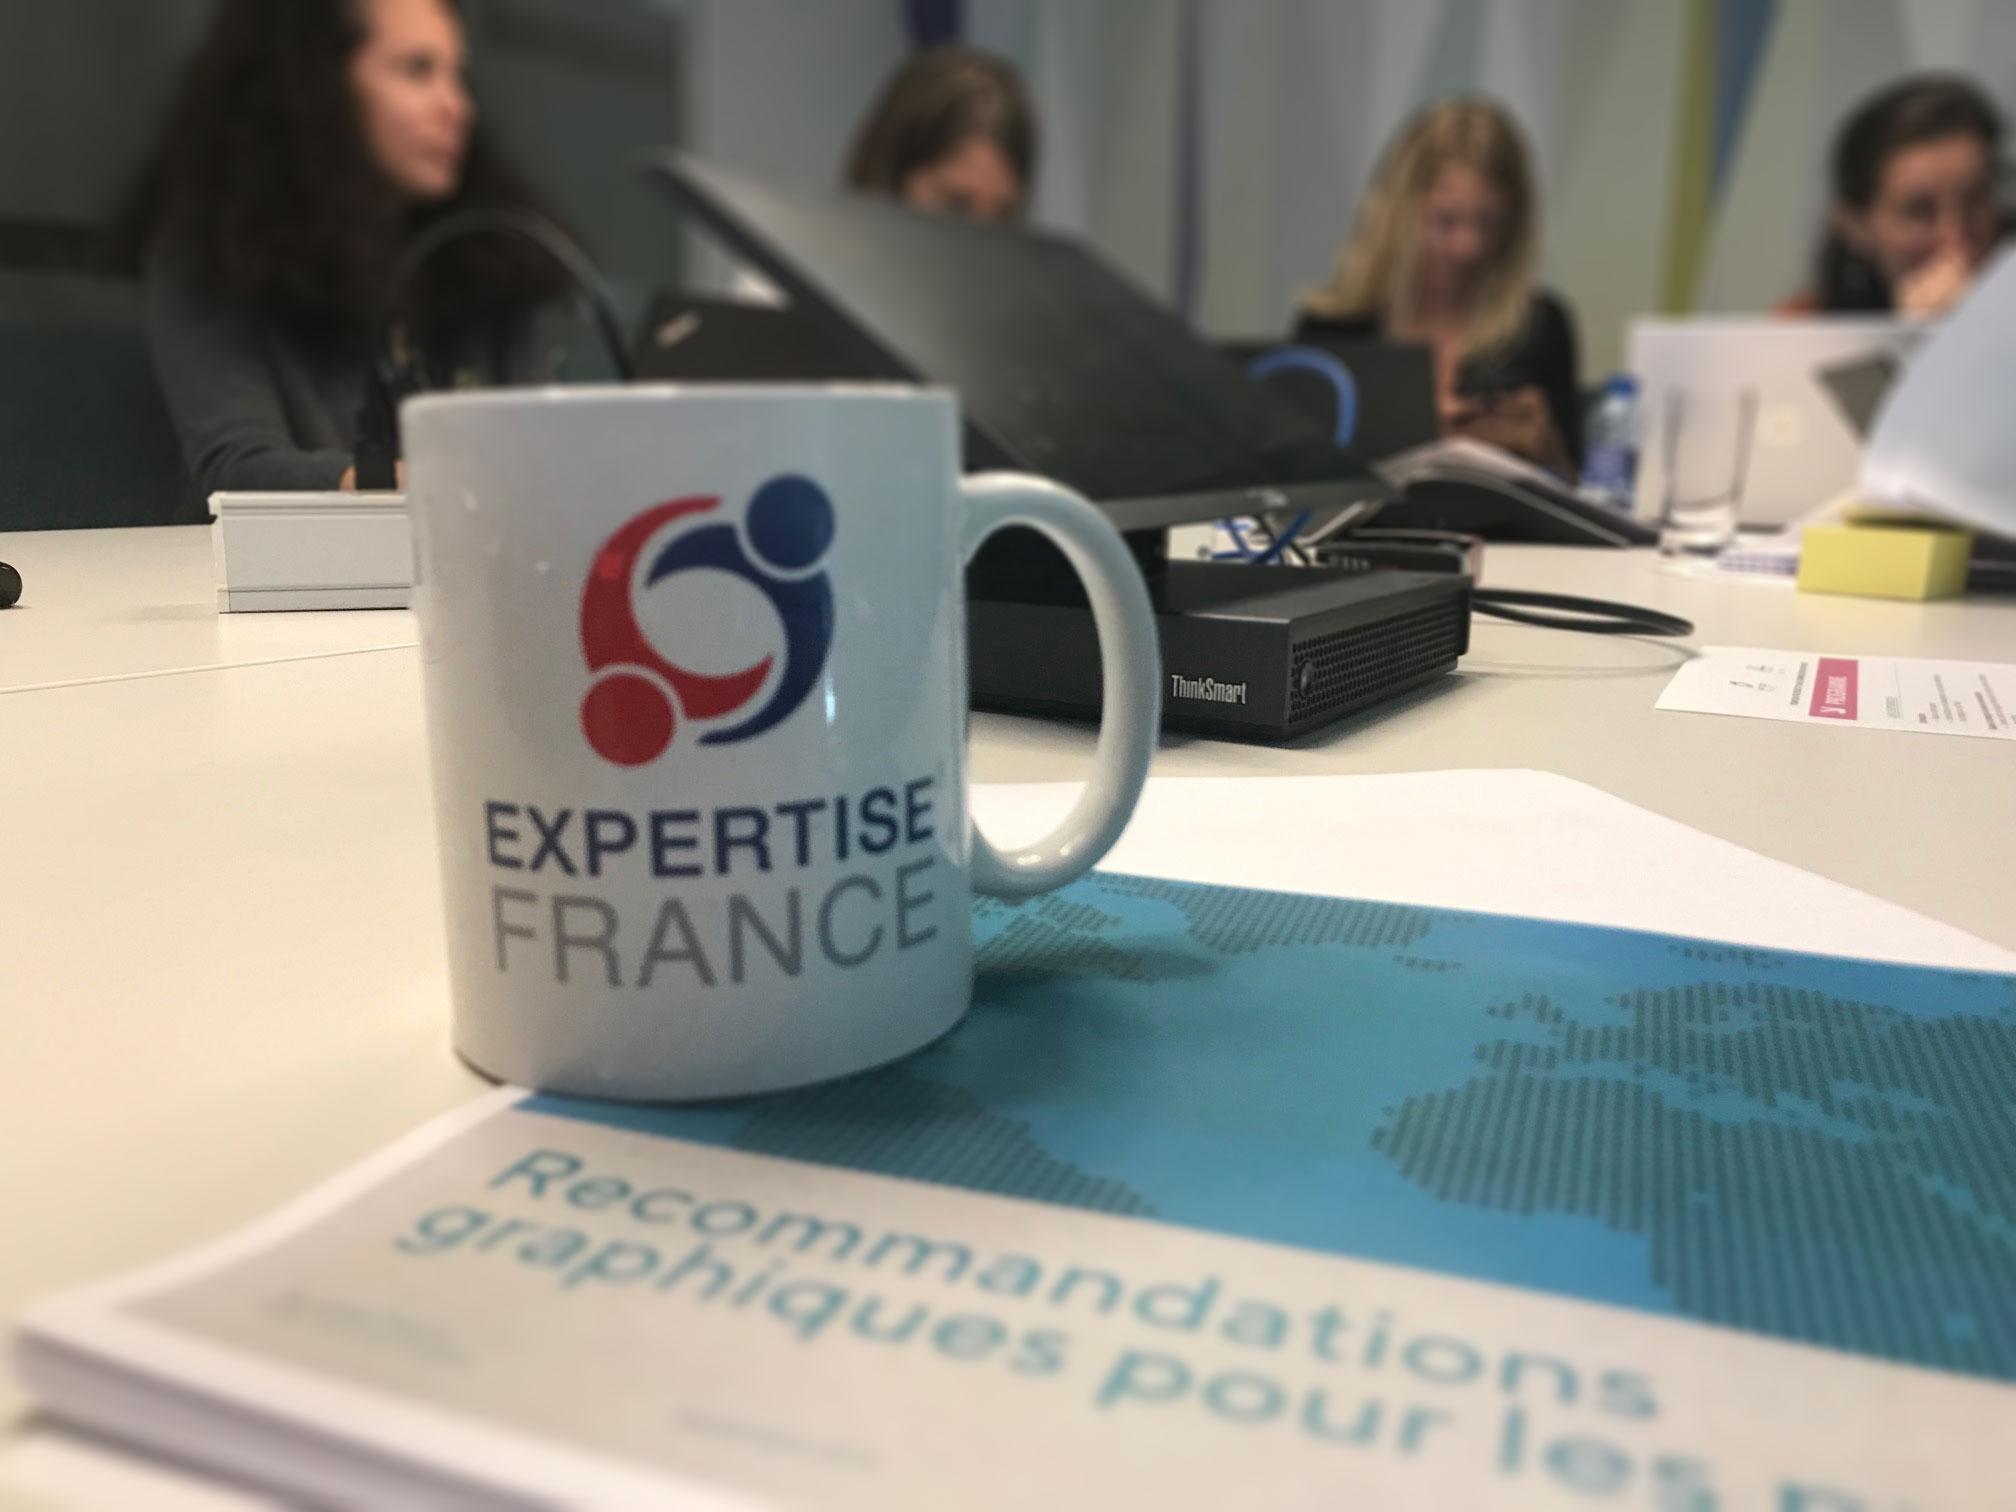 L'expertise française intègre la C4D